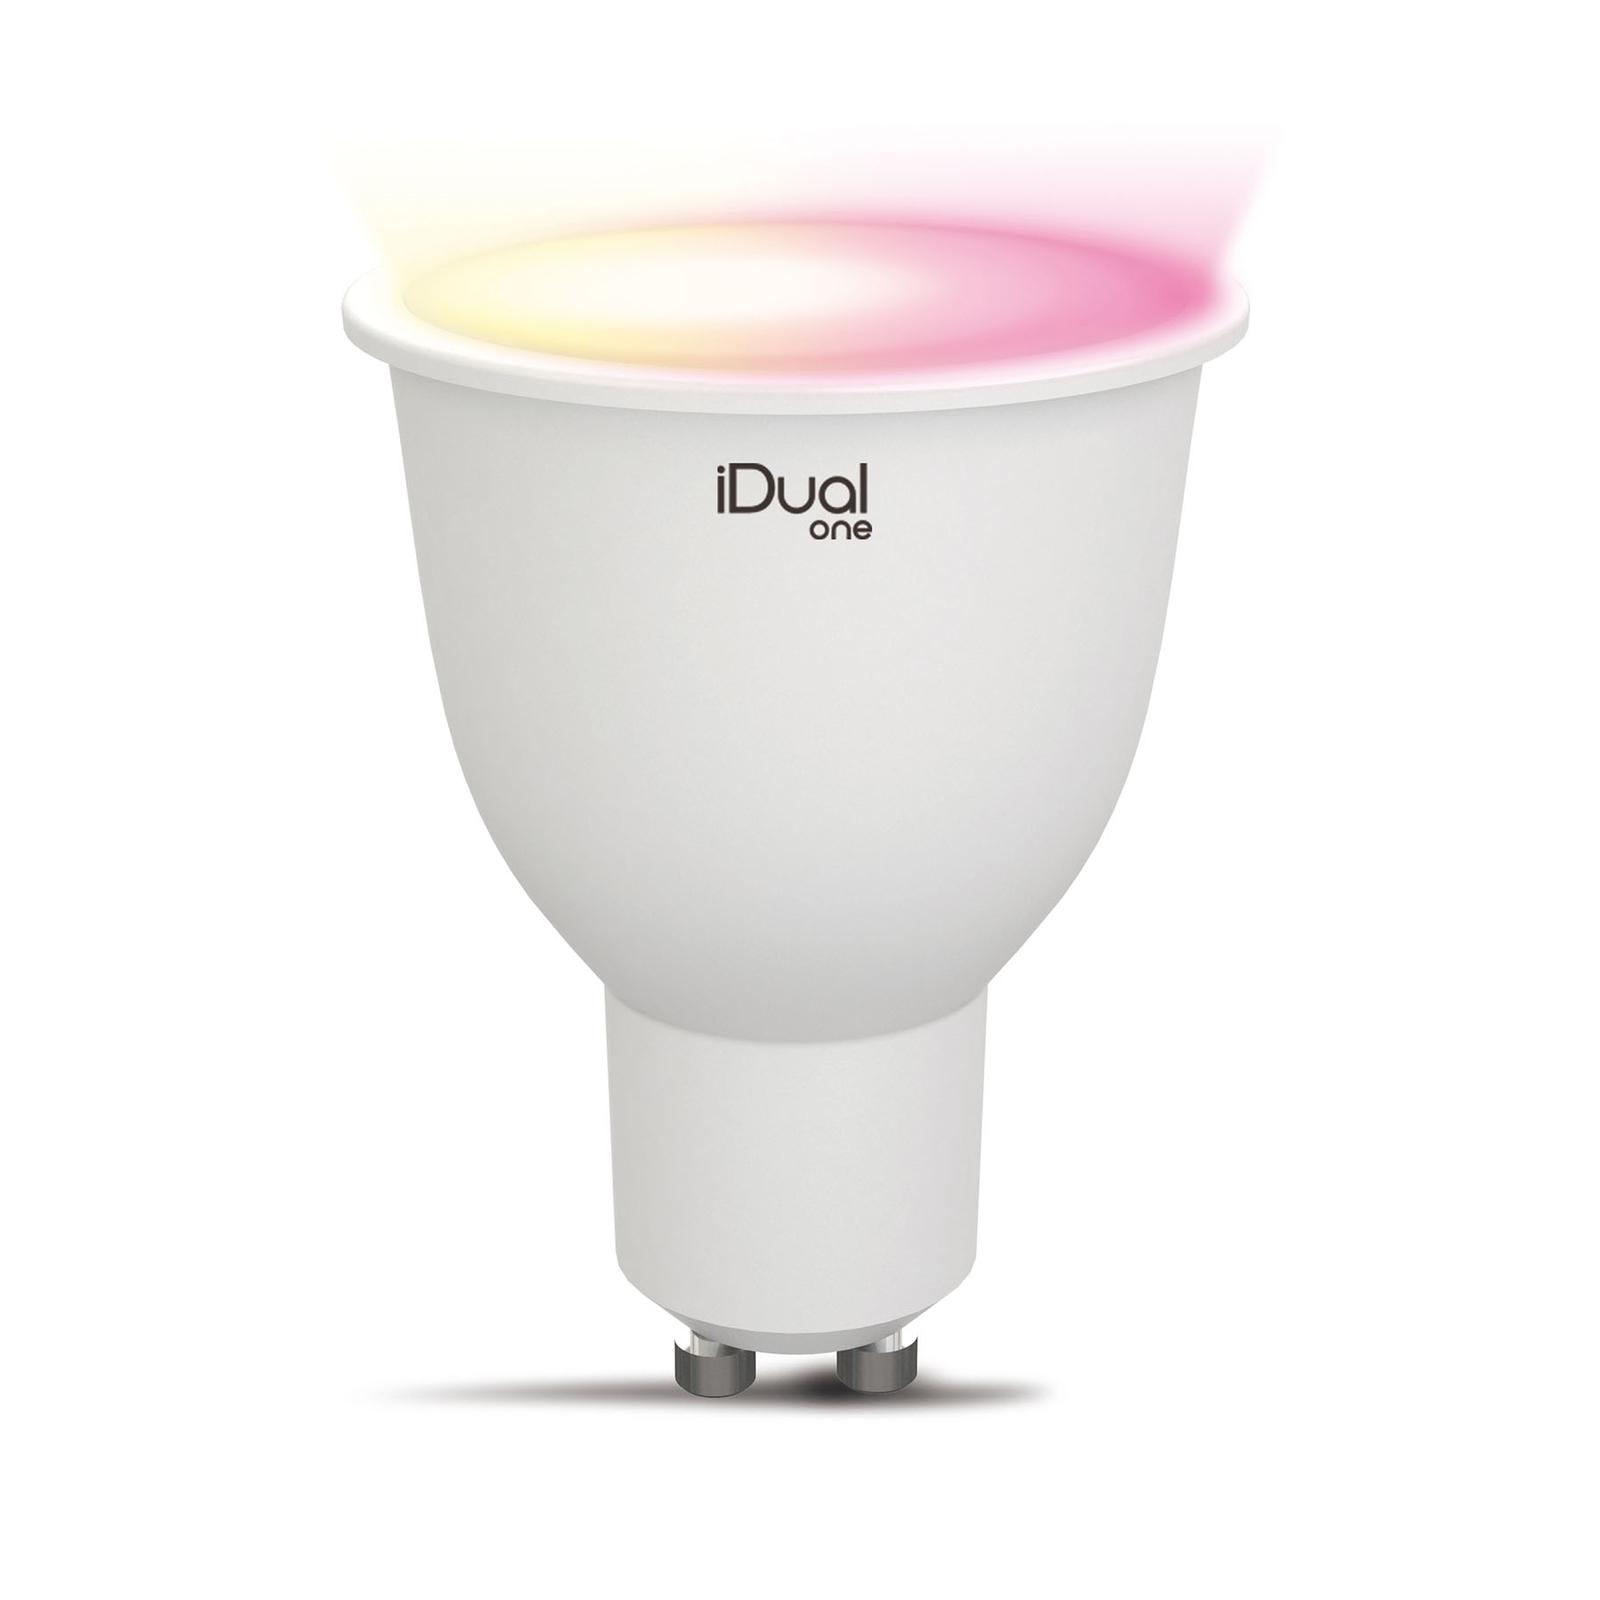 iDual One LED riflettore GU10 5W 330lm RGBW